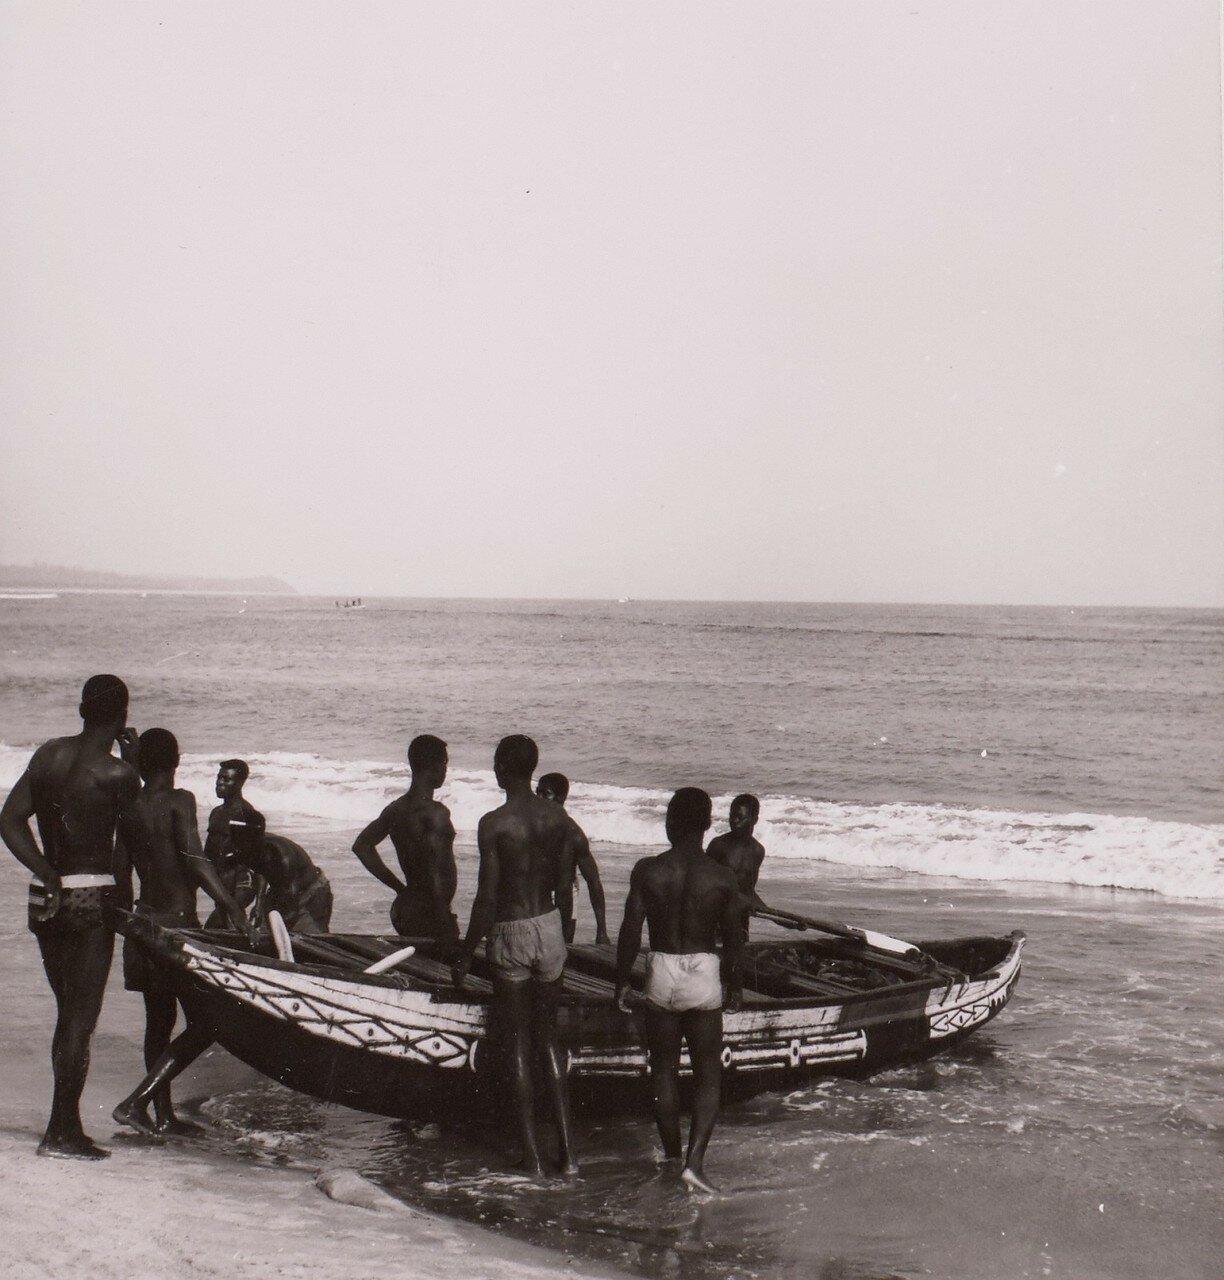 Сасандра. Рыбаки с лодками на берегу